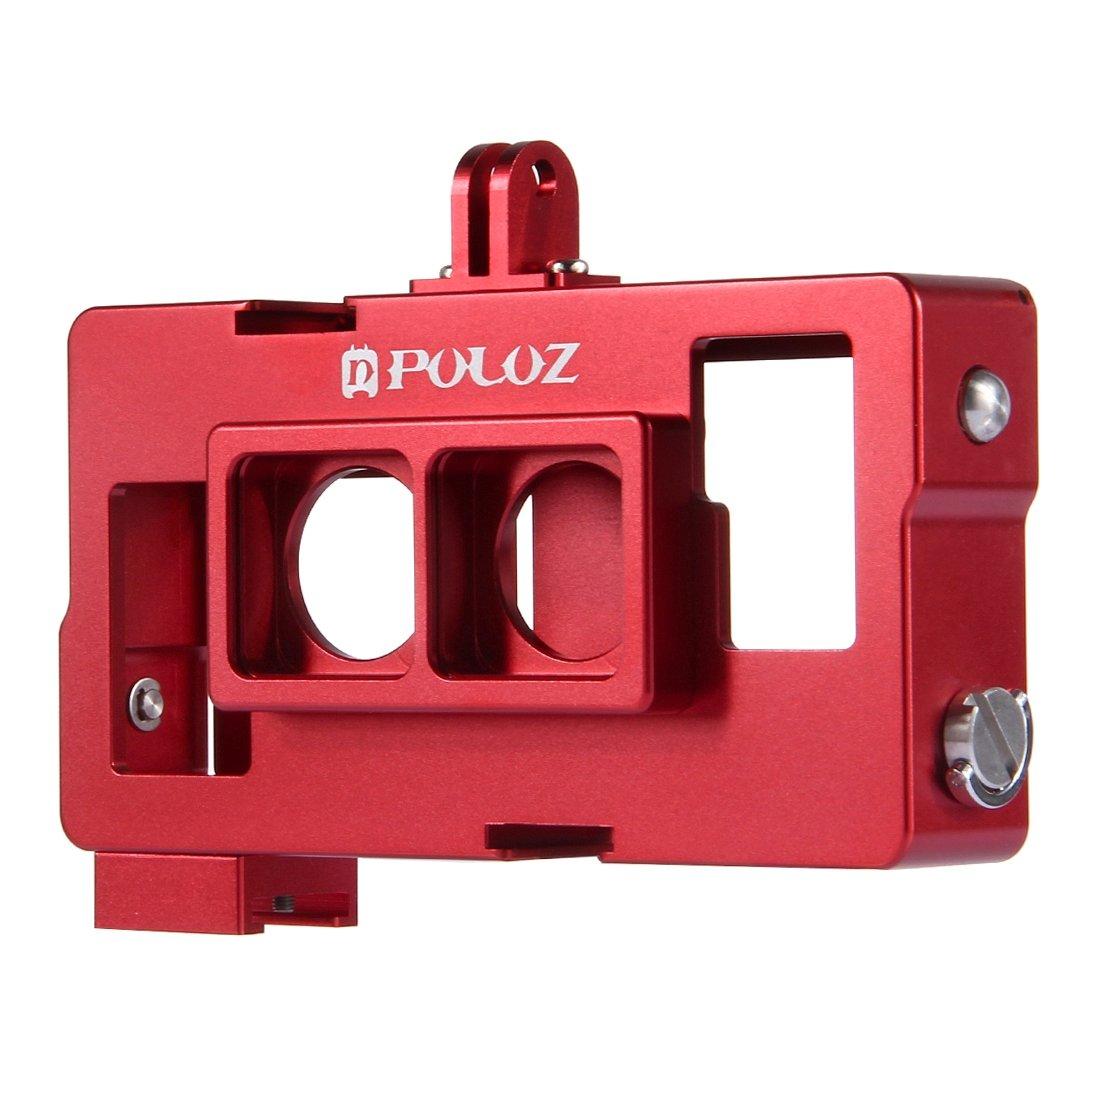 メタルケース PULUZ 2 in 1ハウジングシェルGoPro HERO4 / 3 (赤)のレンズフレーム付きCNCアルミニウム合金保護ケージ (Color : Red)   B07RP673R3